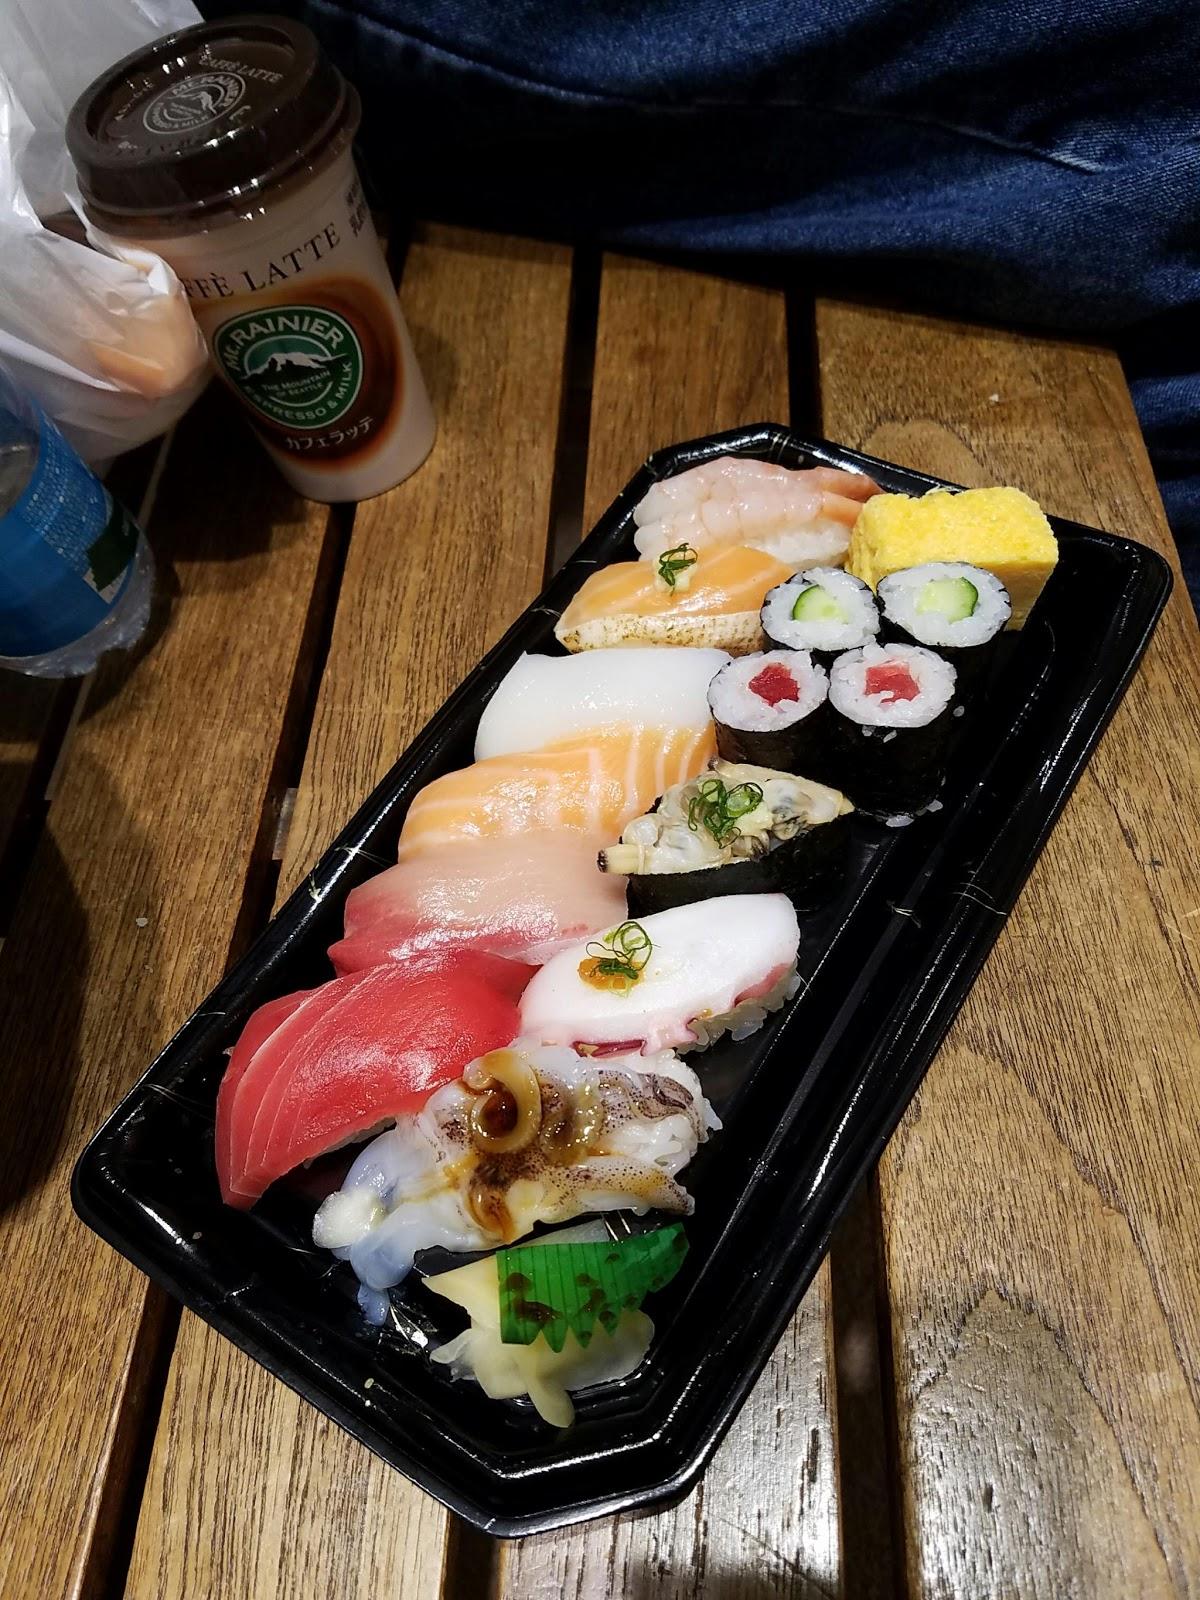 tokyo mitaka station fresh sushi tokyo travel guide